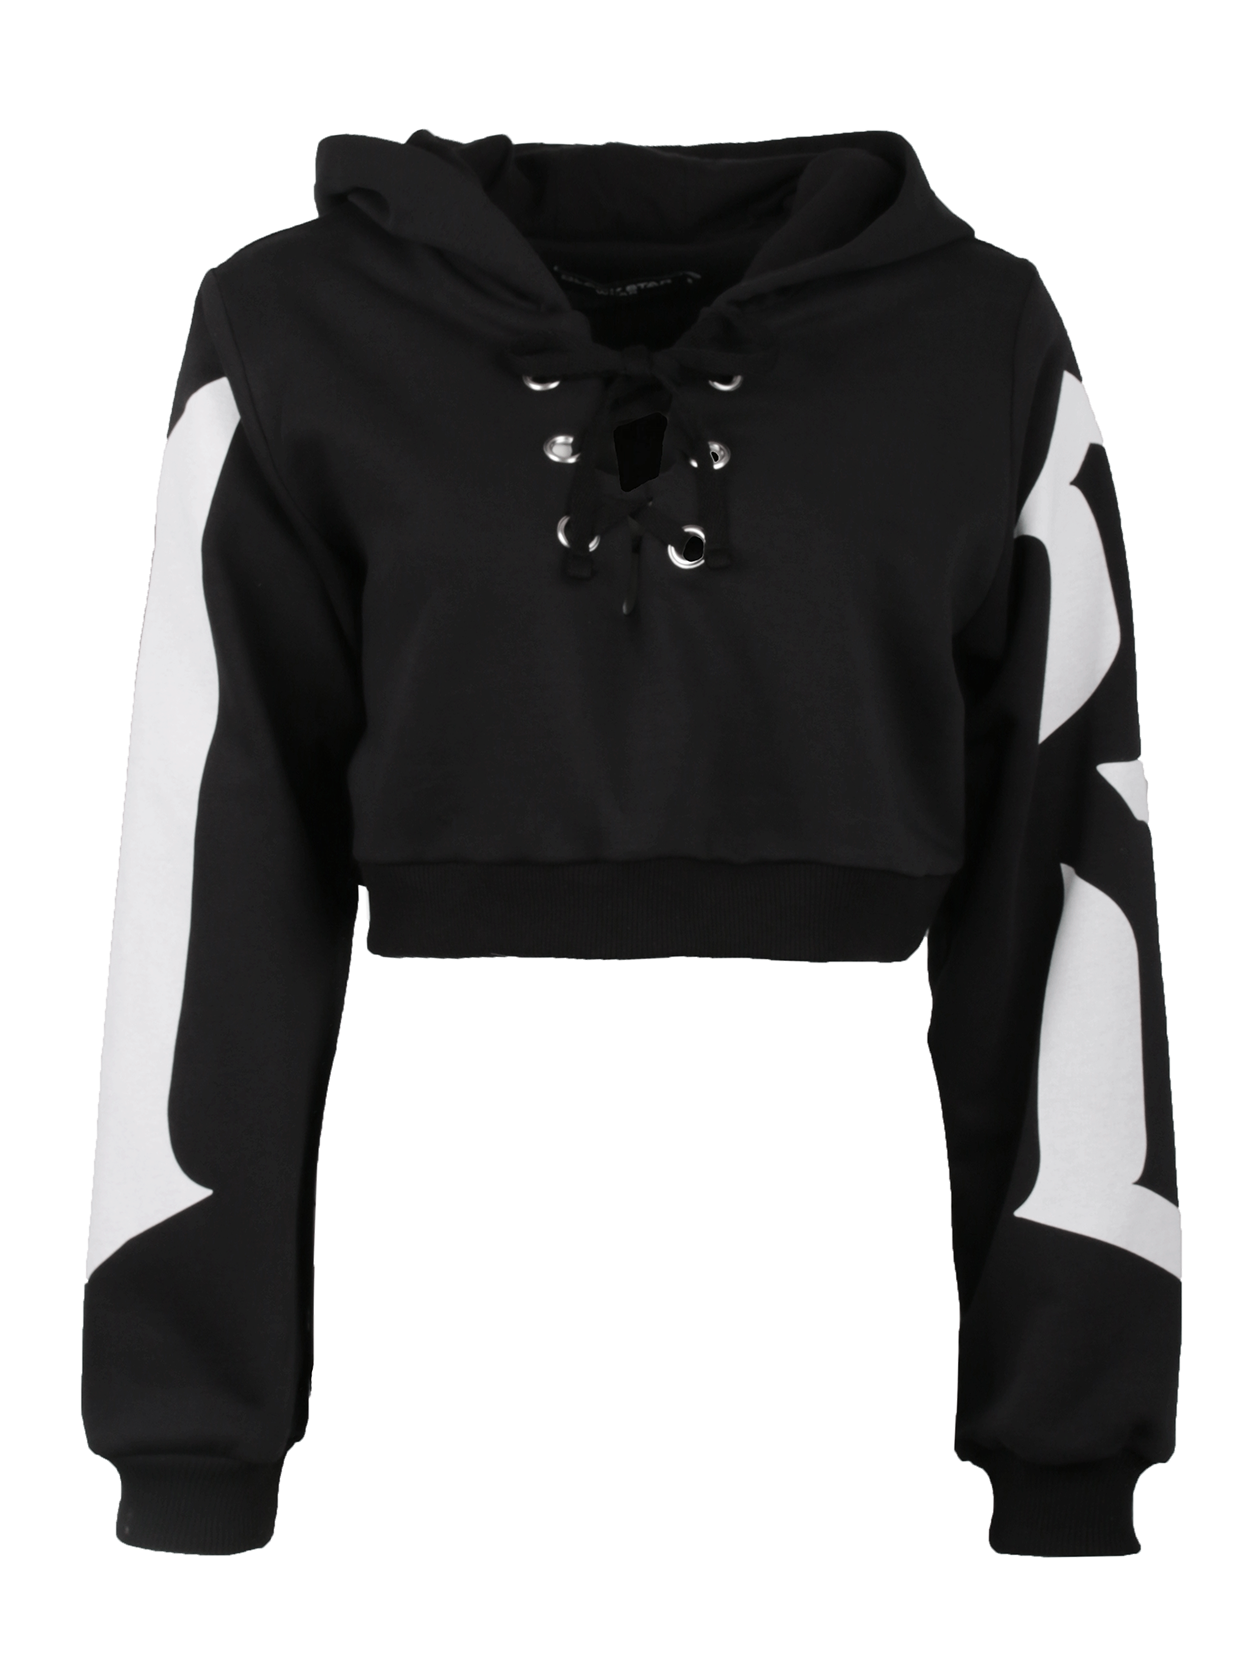 Костюм спортивный женский QUEEN 13Эффектный костюм спортивный женский Queen 13 для создания стильного повседневного образа. Модель оригинального дизайна с укороченным до линии талии верхом и прямыми зауженными брюками полусвободного силуэта. Толстовка с капюшоном, длинным рукавом с эластичными манжетами и глубоким вырезом горловины, дополненным интересной шнуровкой и фурнитурой. На внутренней стороне спинки лейбл Black Star Wear. На рукавах крупный принт с цифрой 13, на спине надпись Queen. Комплект представлен в базовом черном цвете, сшит из хлопкового полотна класса «люкс».&amp;nbsp;<br><br>Размер: M<br>Цвет: Черный<br>Пол: Женский